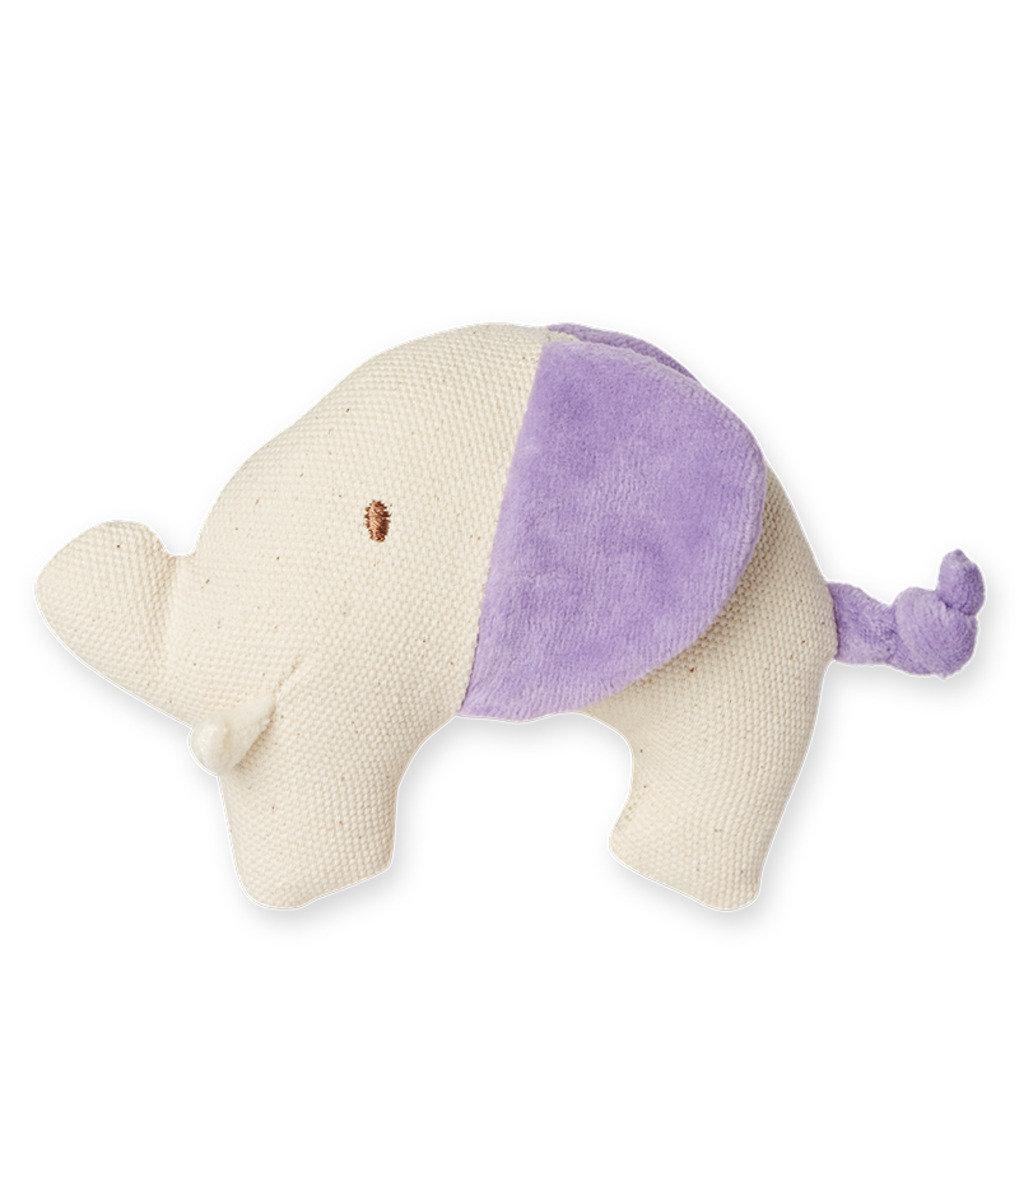 美國紐約My Natural™天然有機帆布牙膠 - 粉紫大象